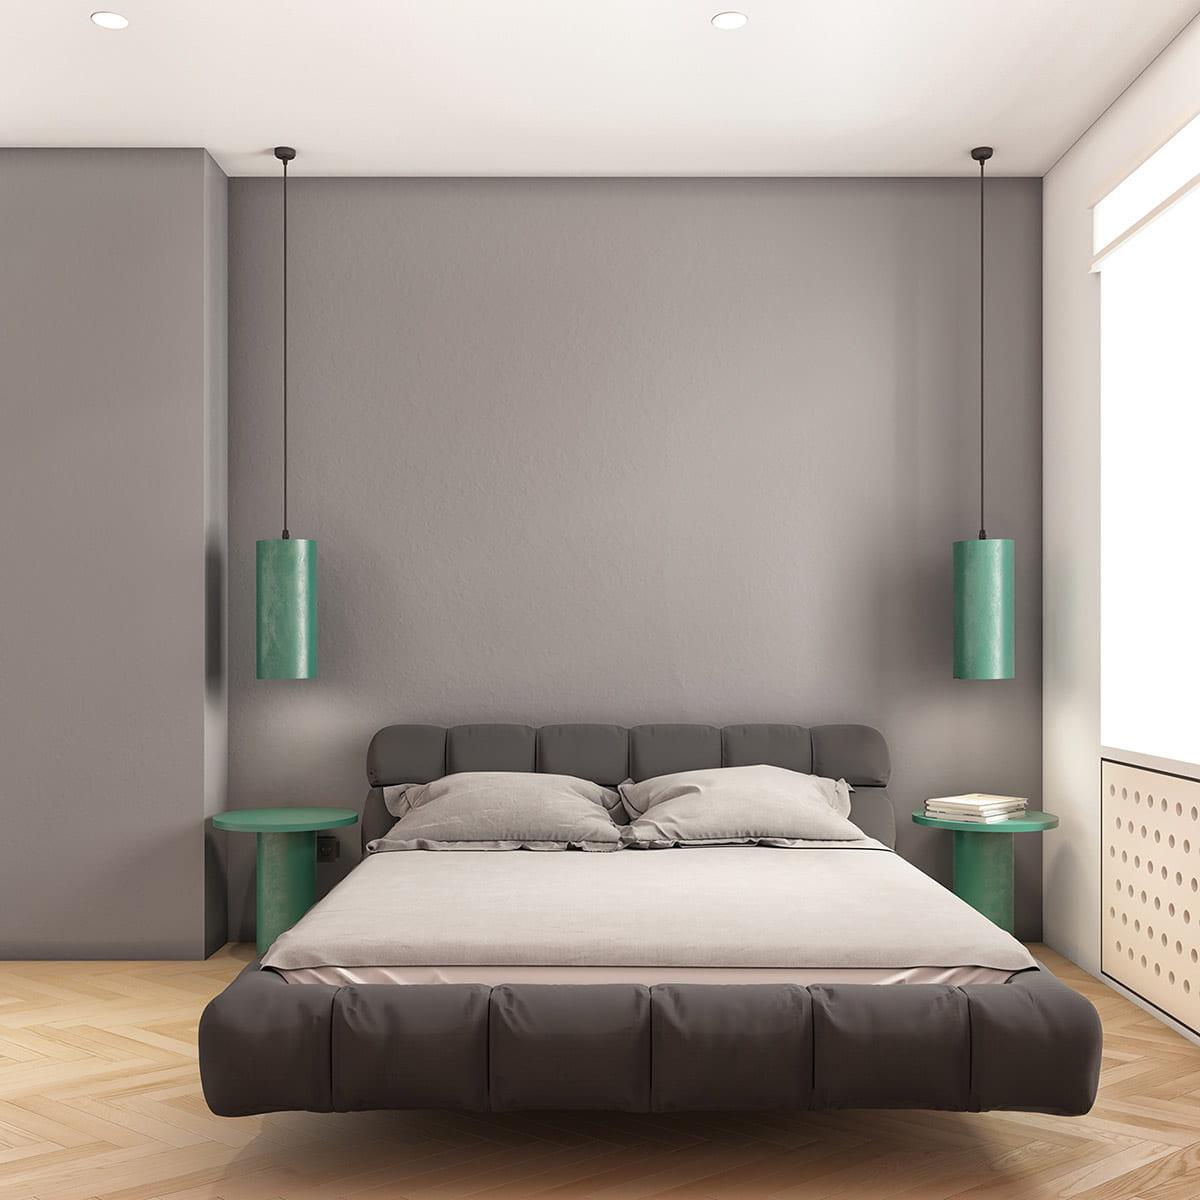 Идеальная спальня с роскошной кроватью где нет ничего лишнего